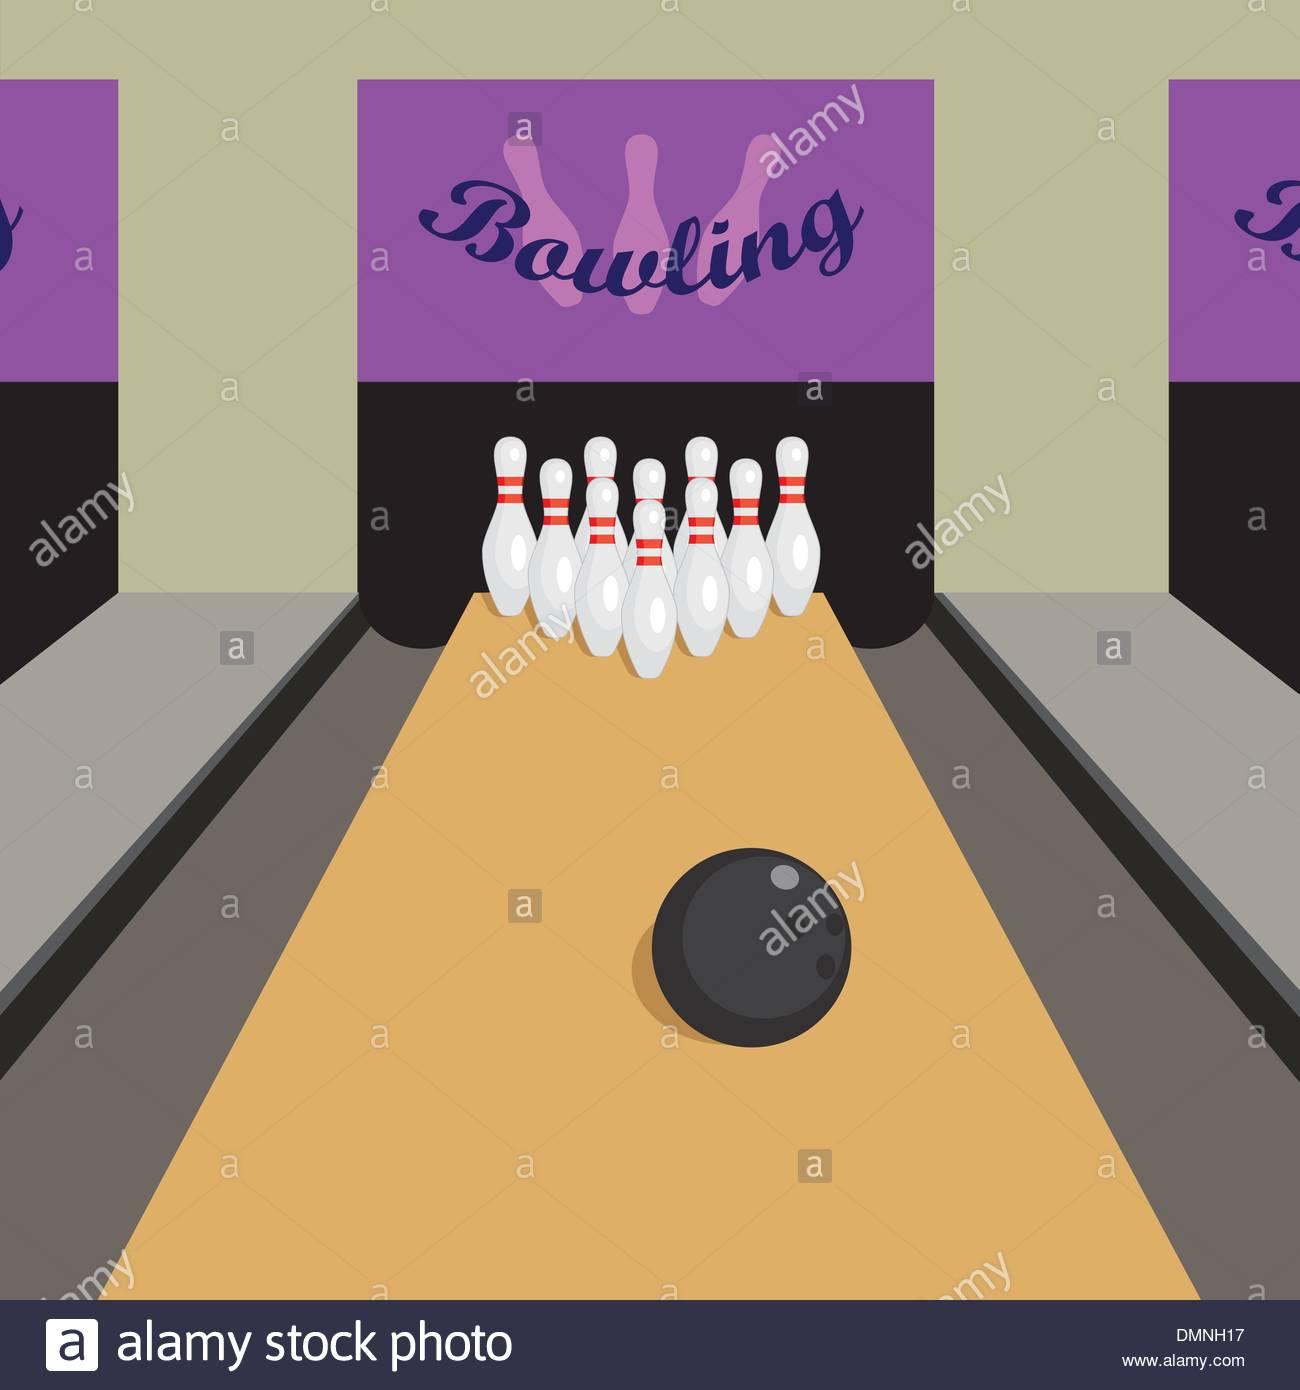 Jeu De Bowling Vecteurs Et Illustration, Image Vectorielle destiné Jeux De Bouligue